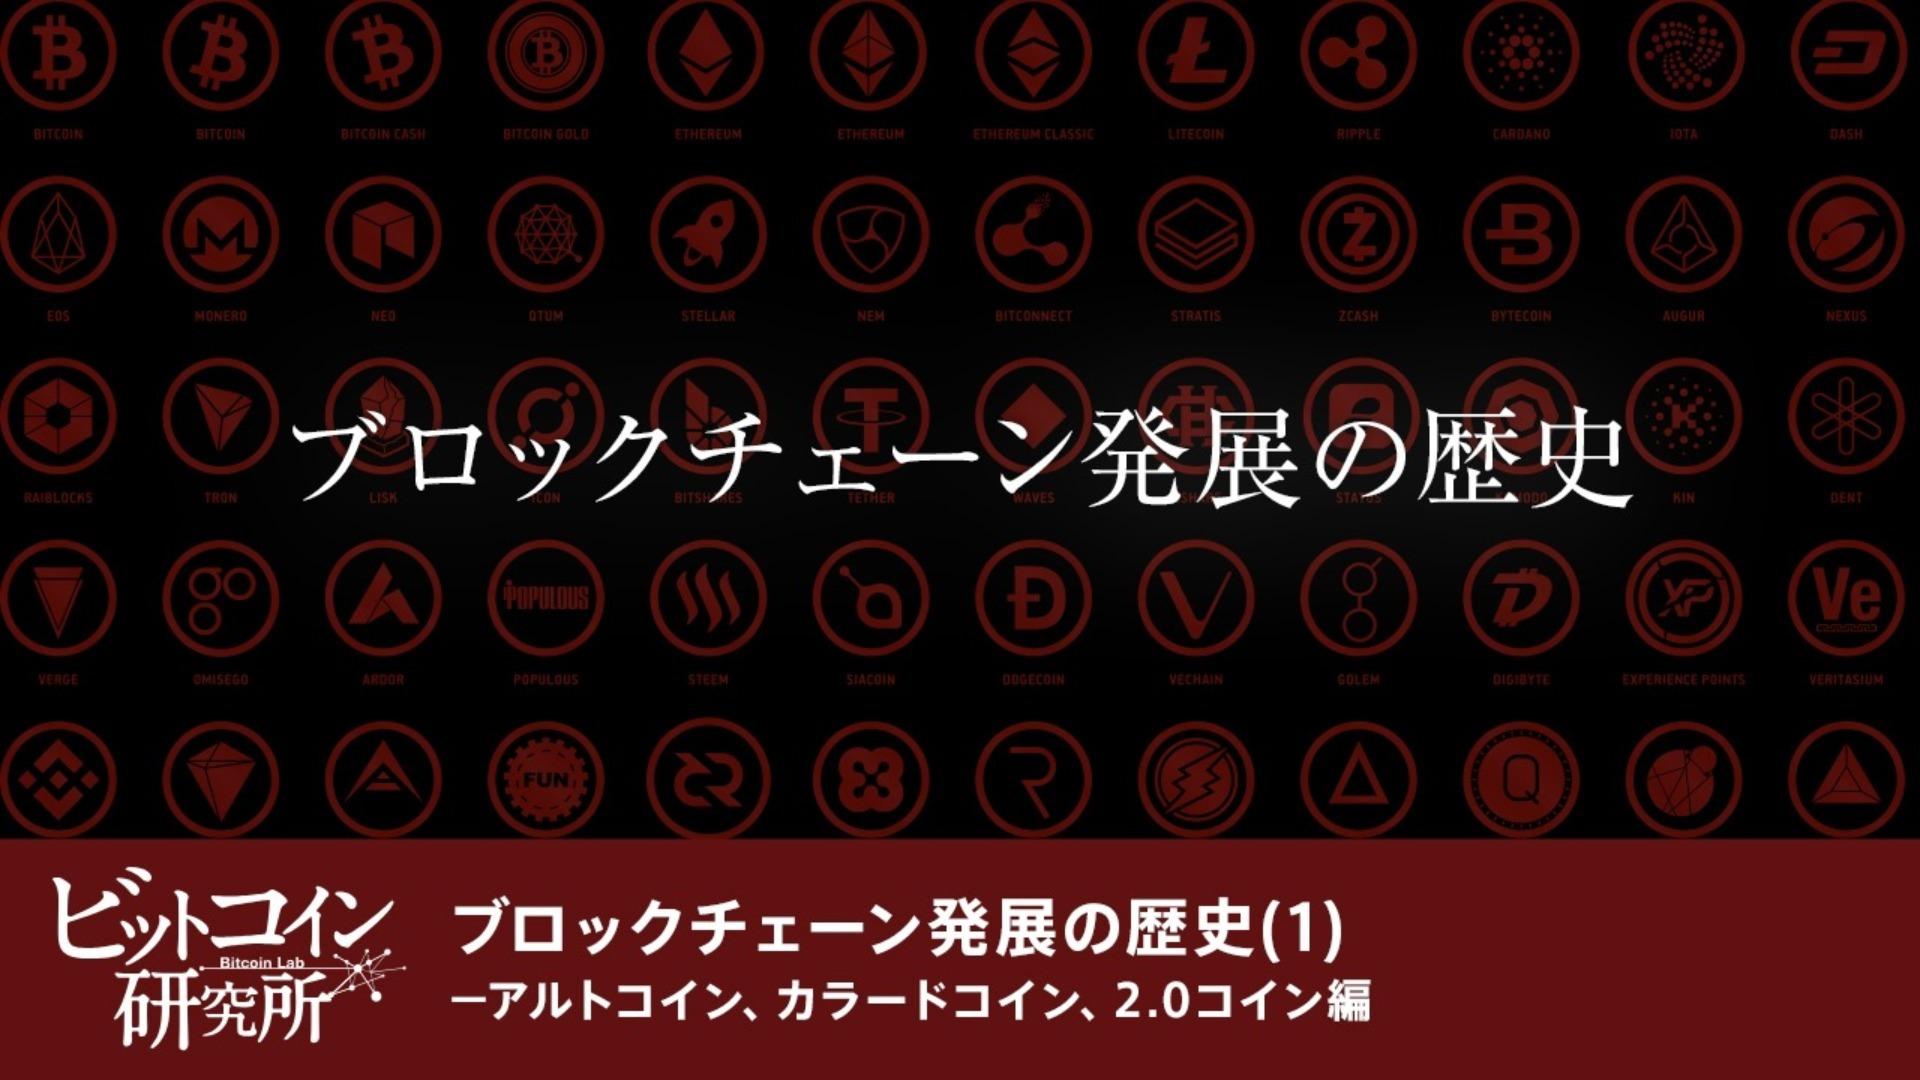 【レポート No.09】ブロックチェーン発展の歴史(1)